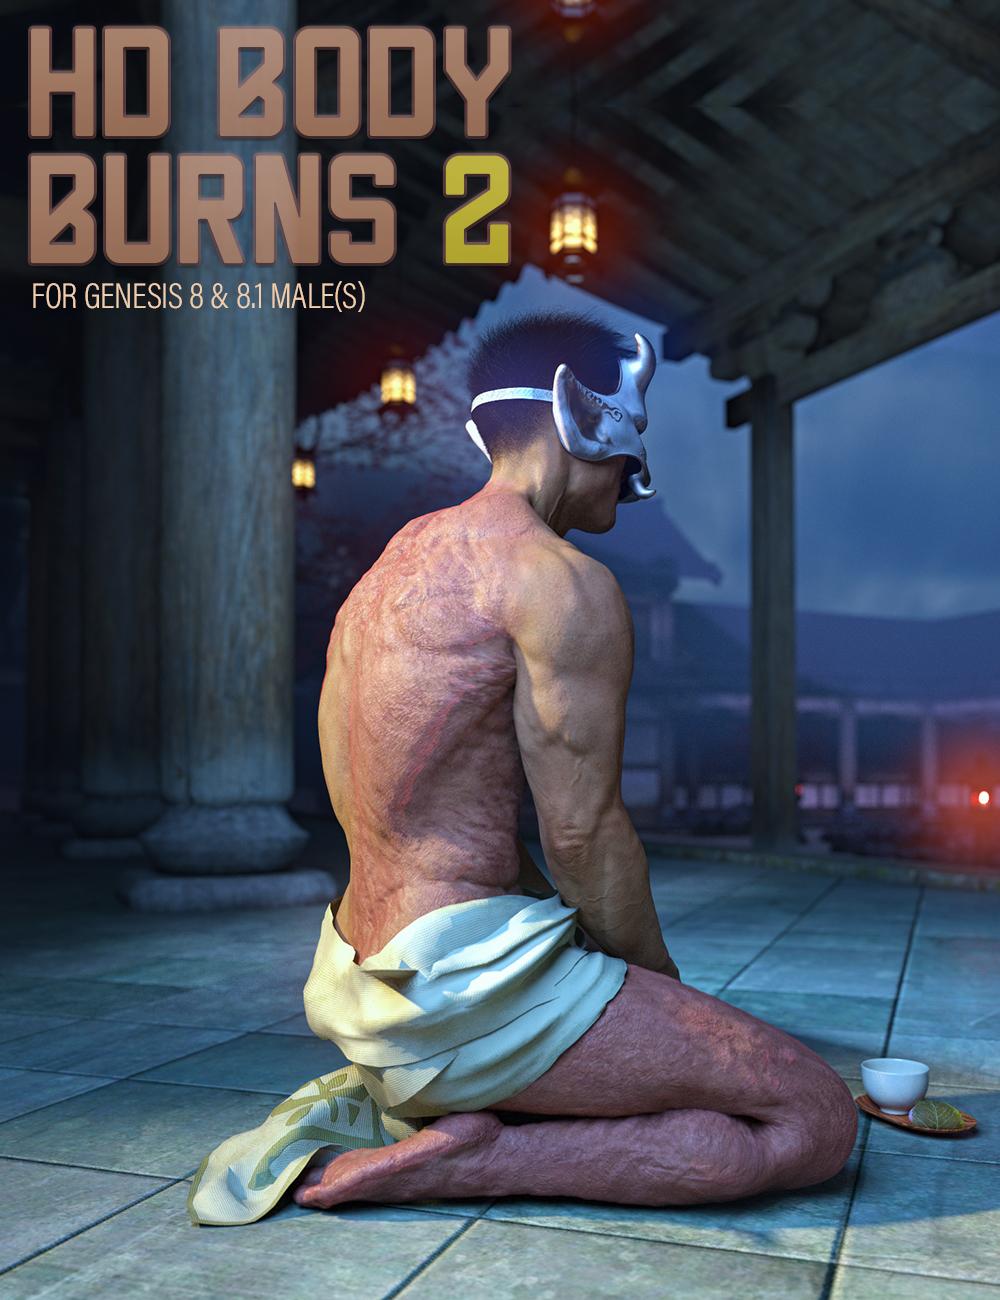 HD BODY BURNS 2 for Genesis 8 & 8.1 Males by: FenixPhoenixEsid, 3D Models by Daz 3D